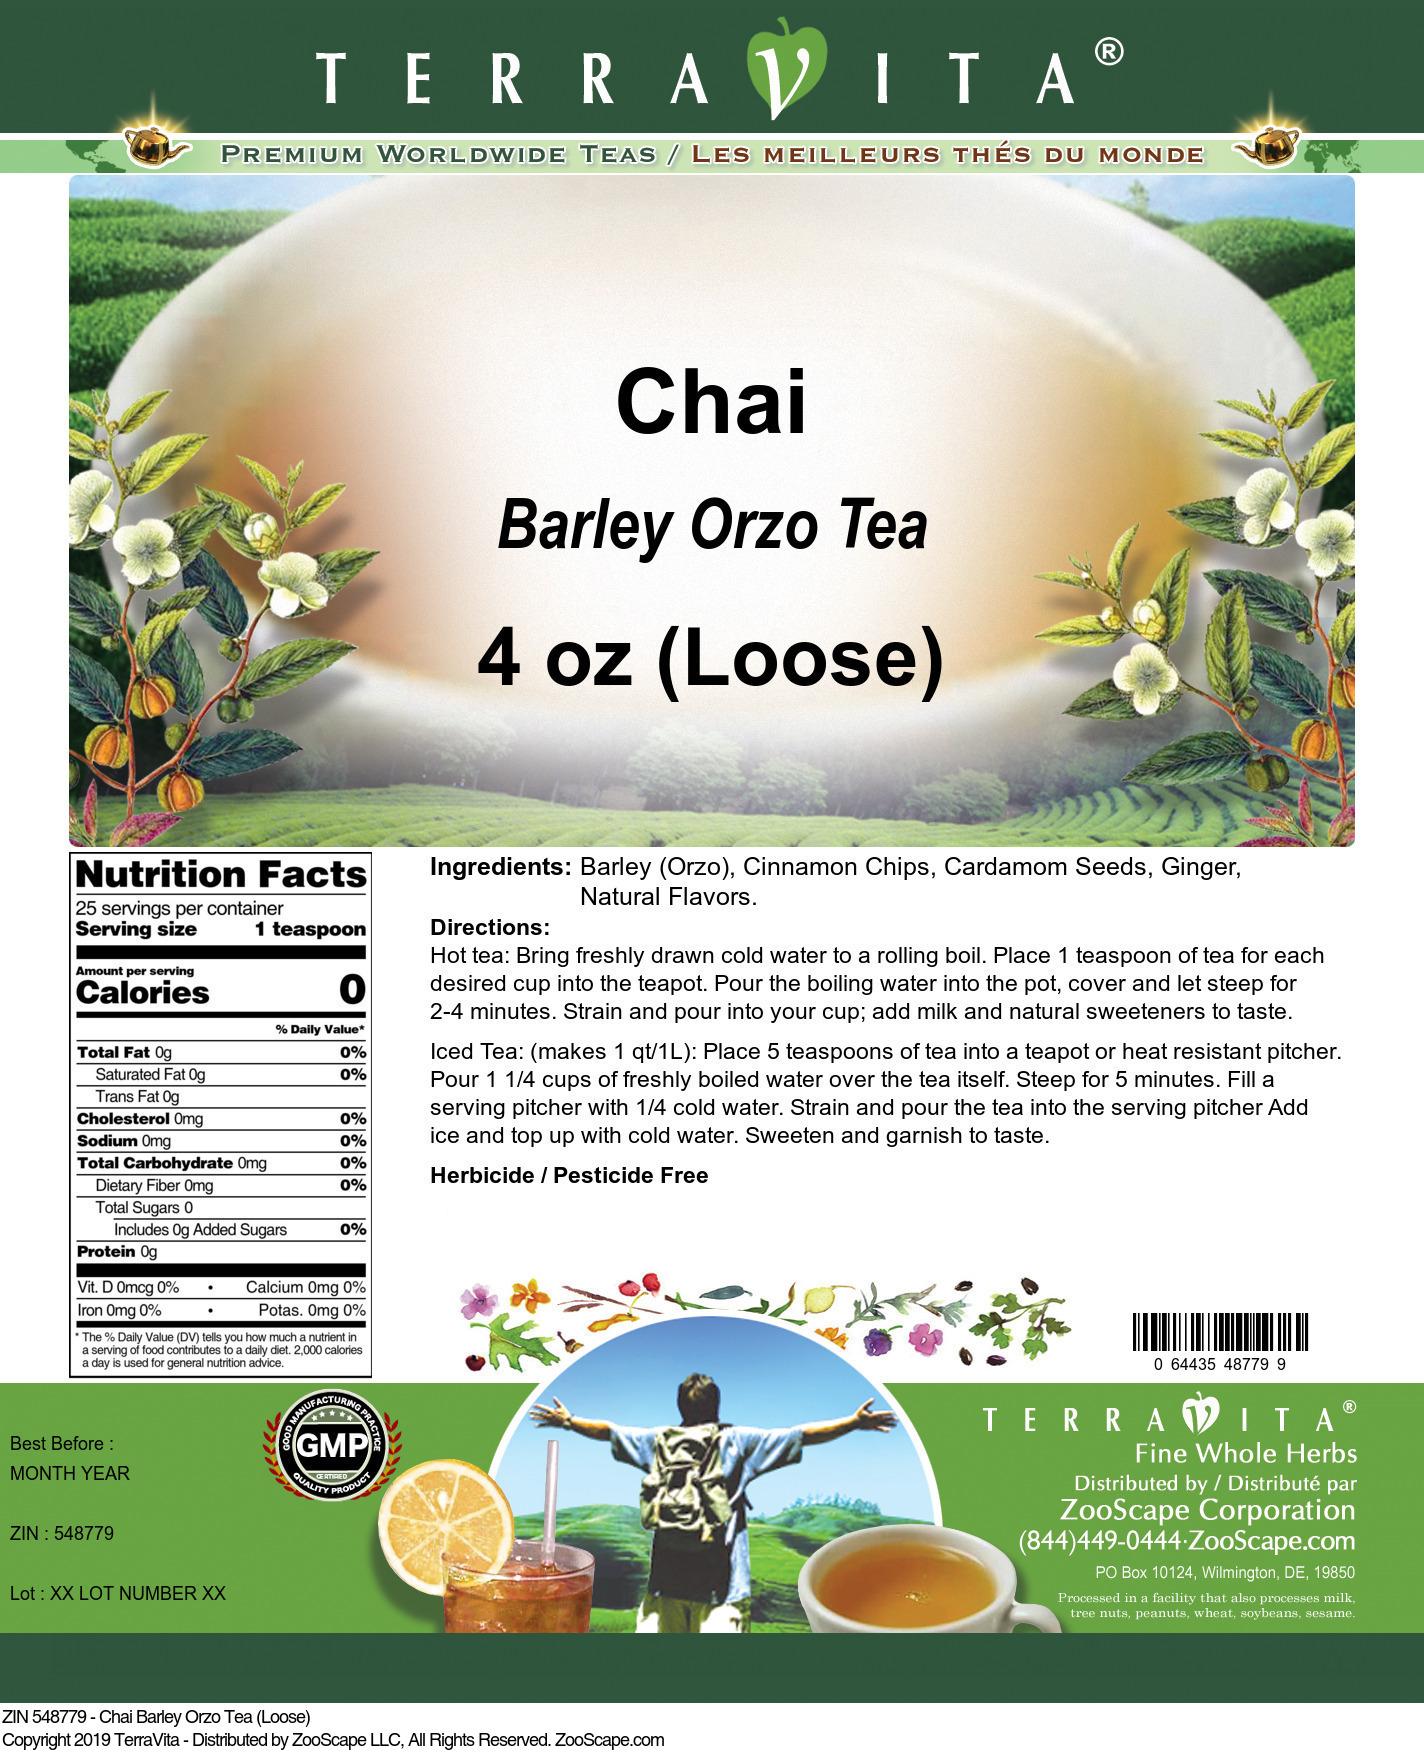 Chai Barley Orzo